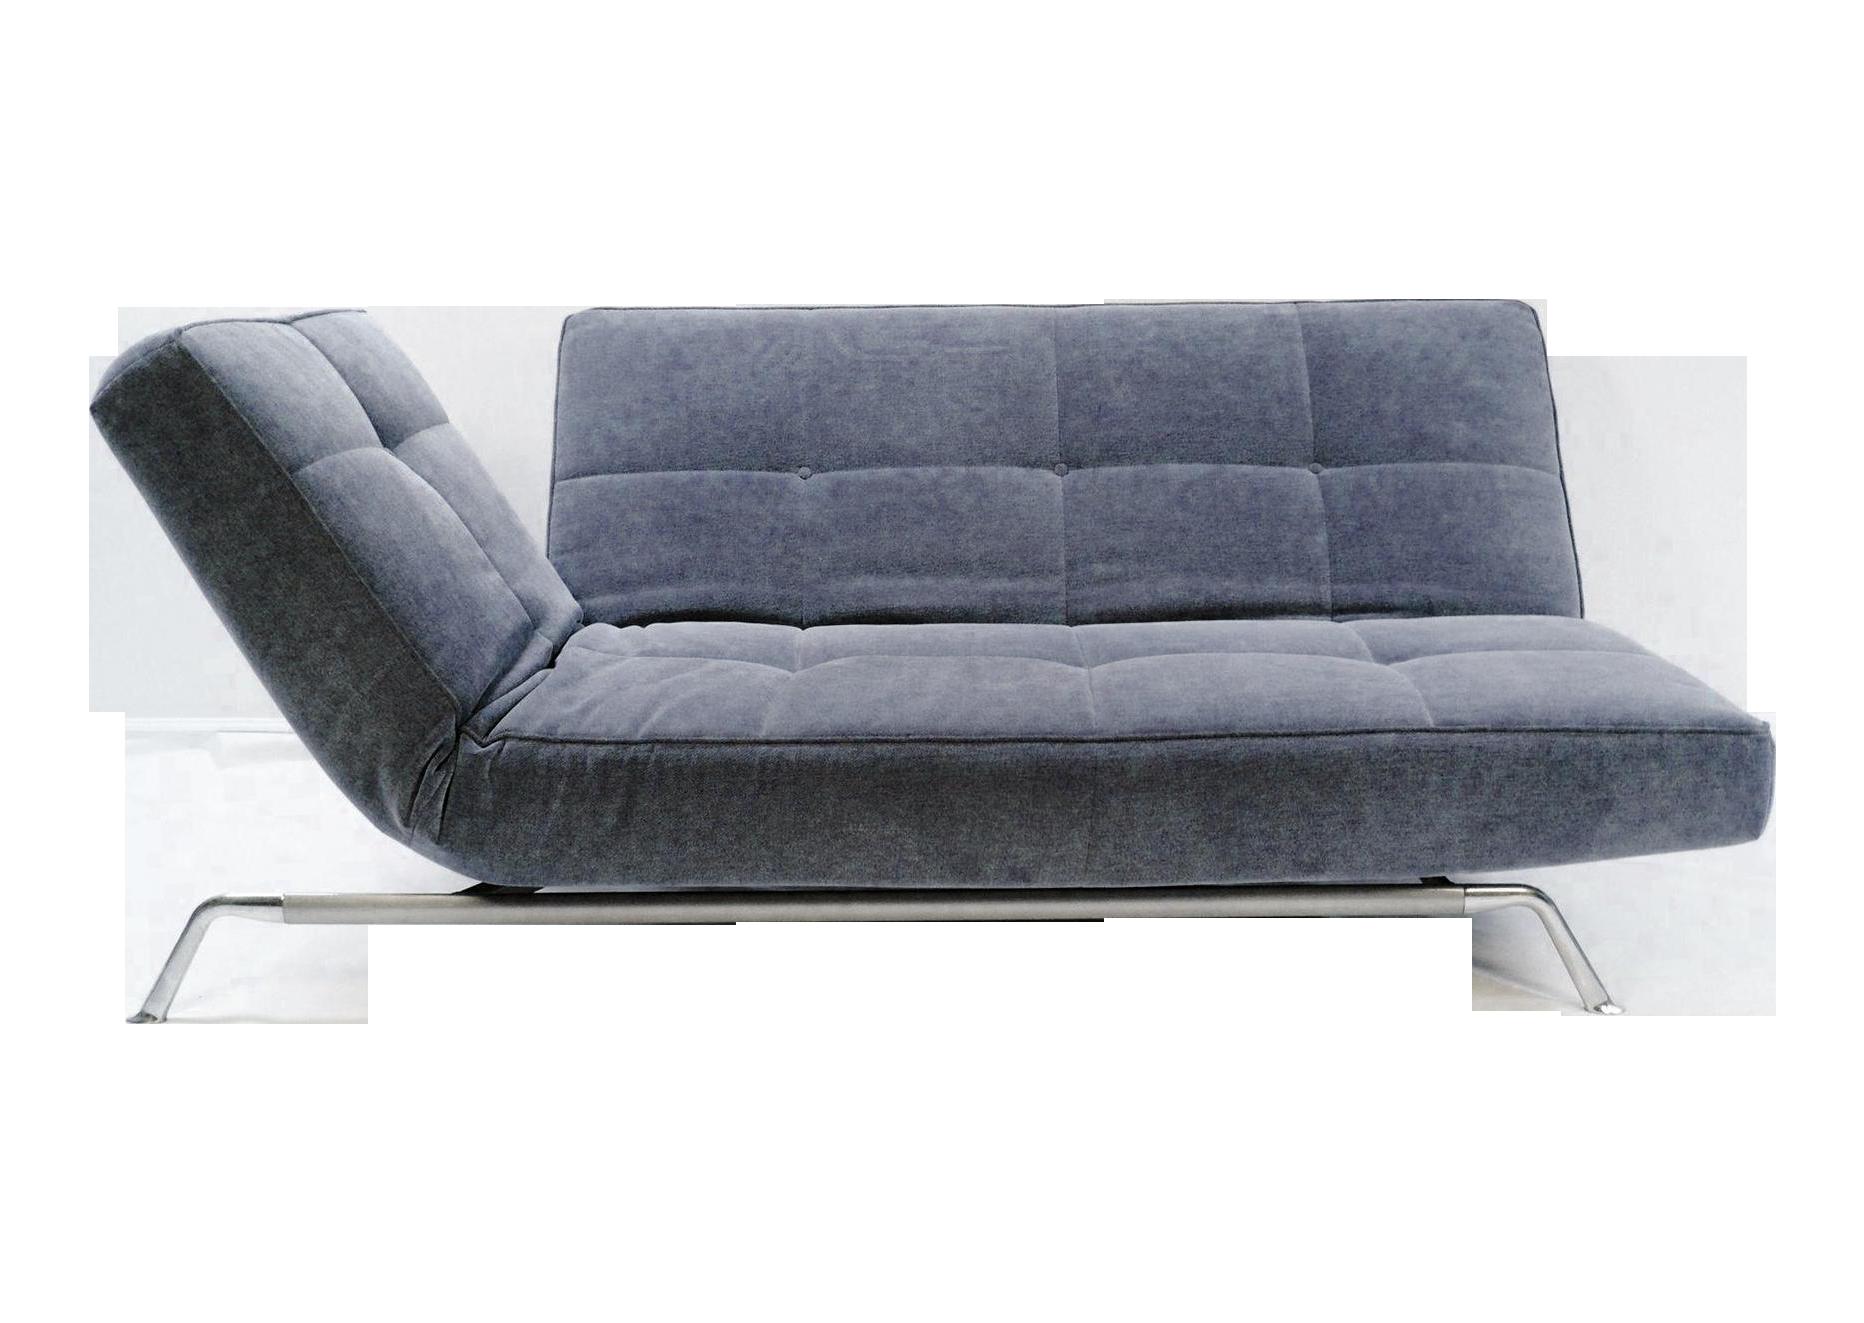 schlafsessel ligne roset ligne roset schlafsofa m. Black Bedroom Furniture Sets. Home Design Ideas